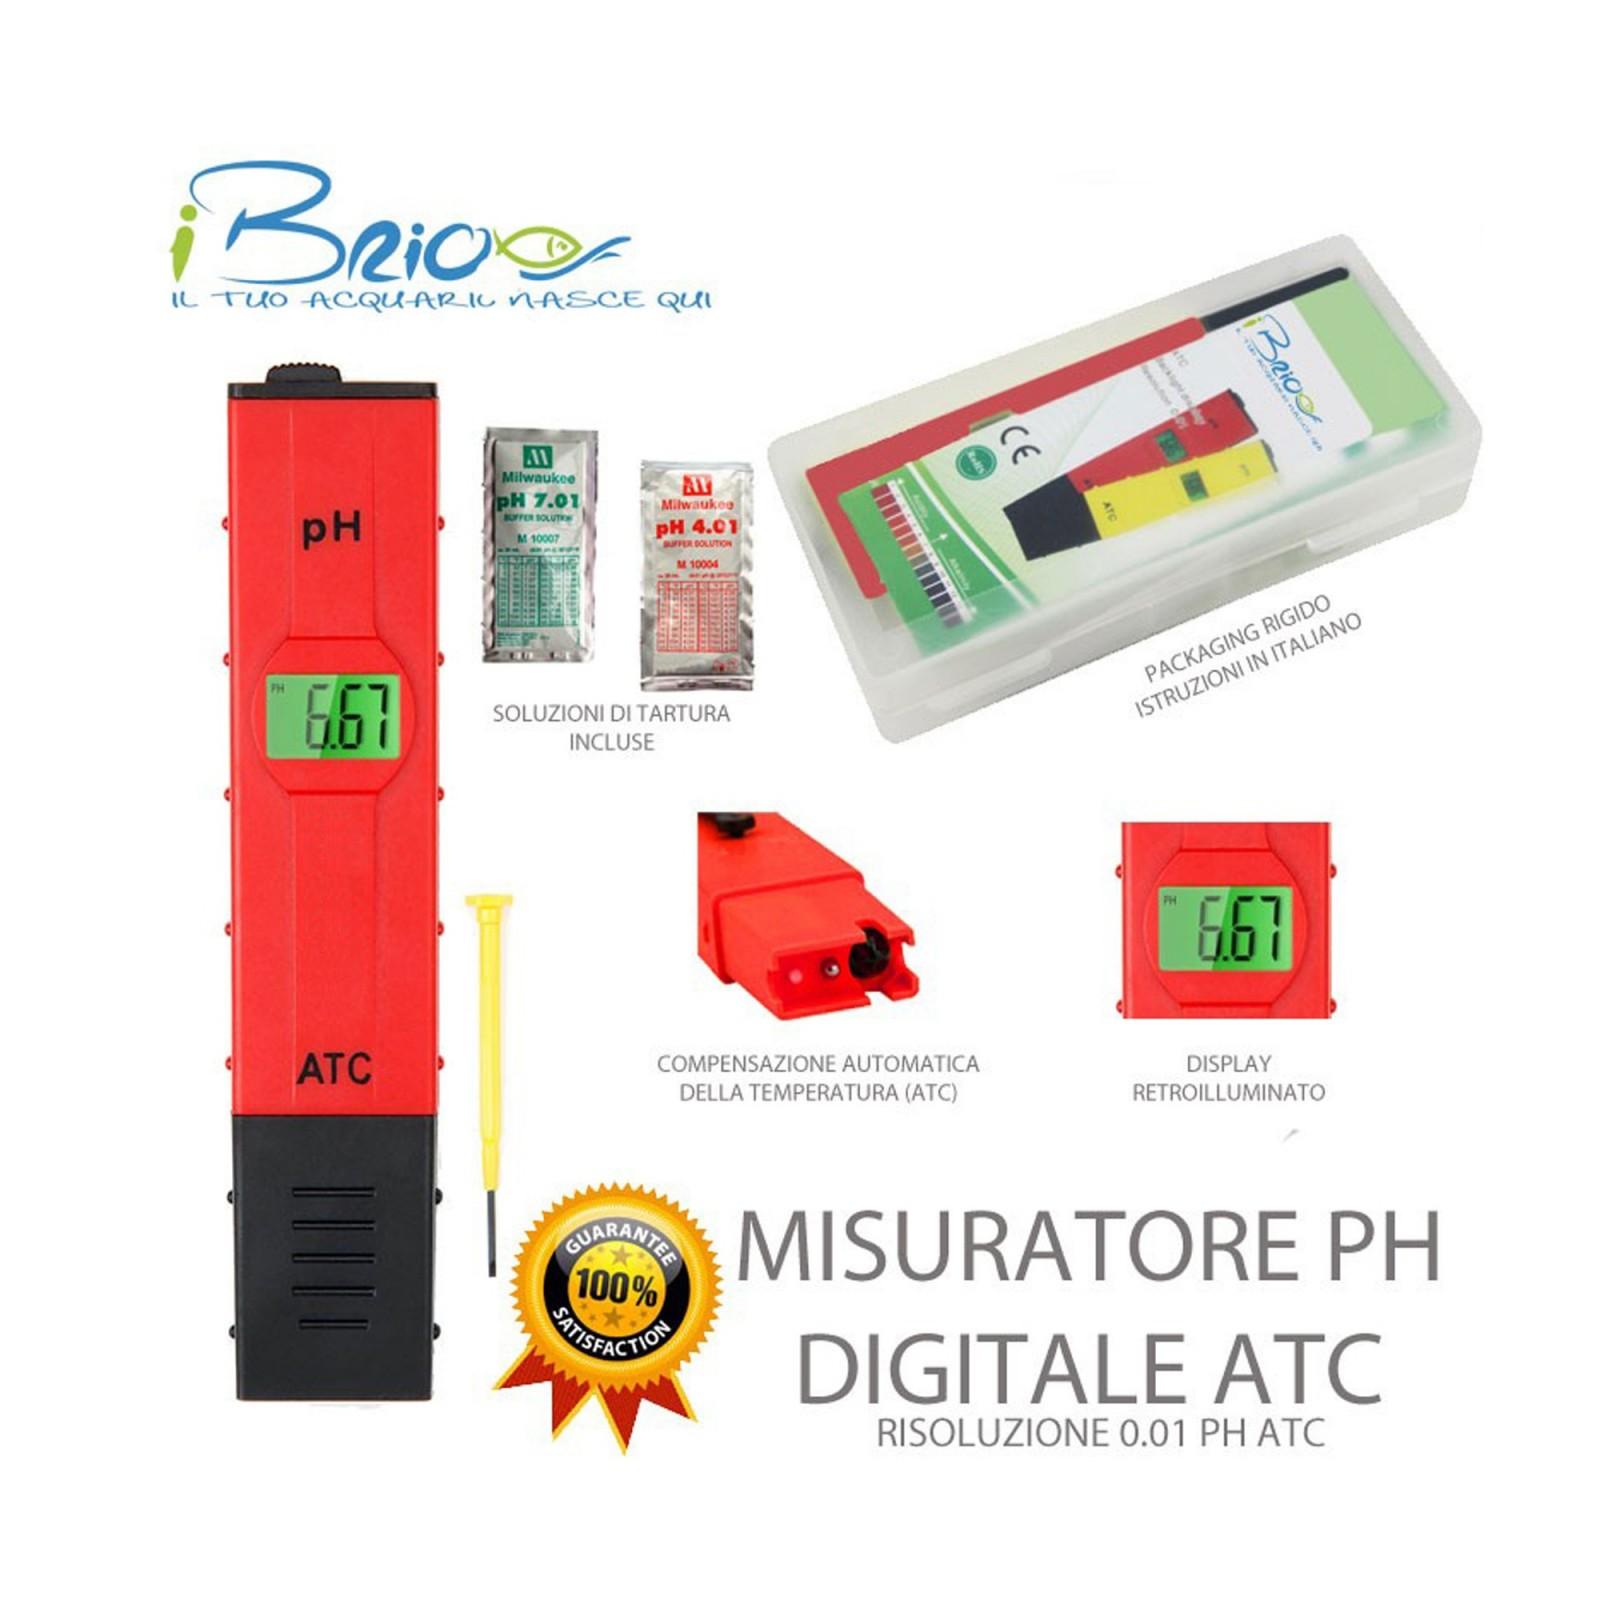 Misuratore digitale di ph atc phmetro tester ph a penna - Misuratore ph piscina ...